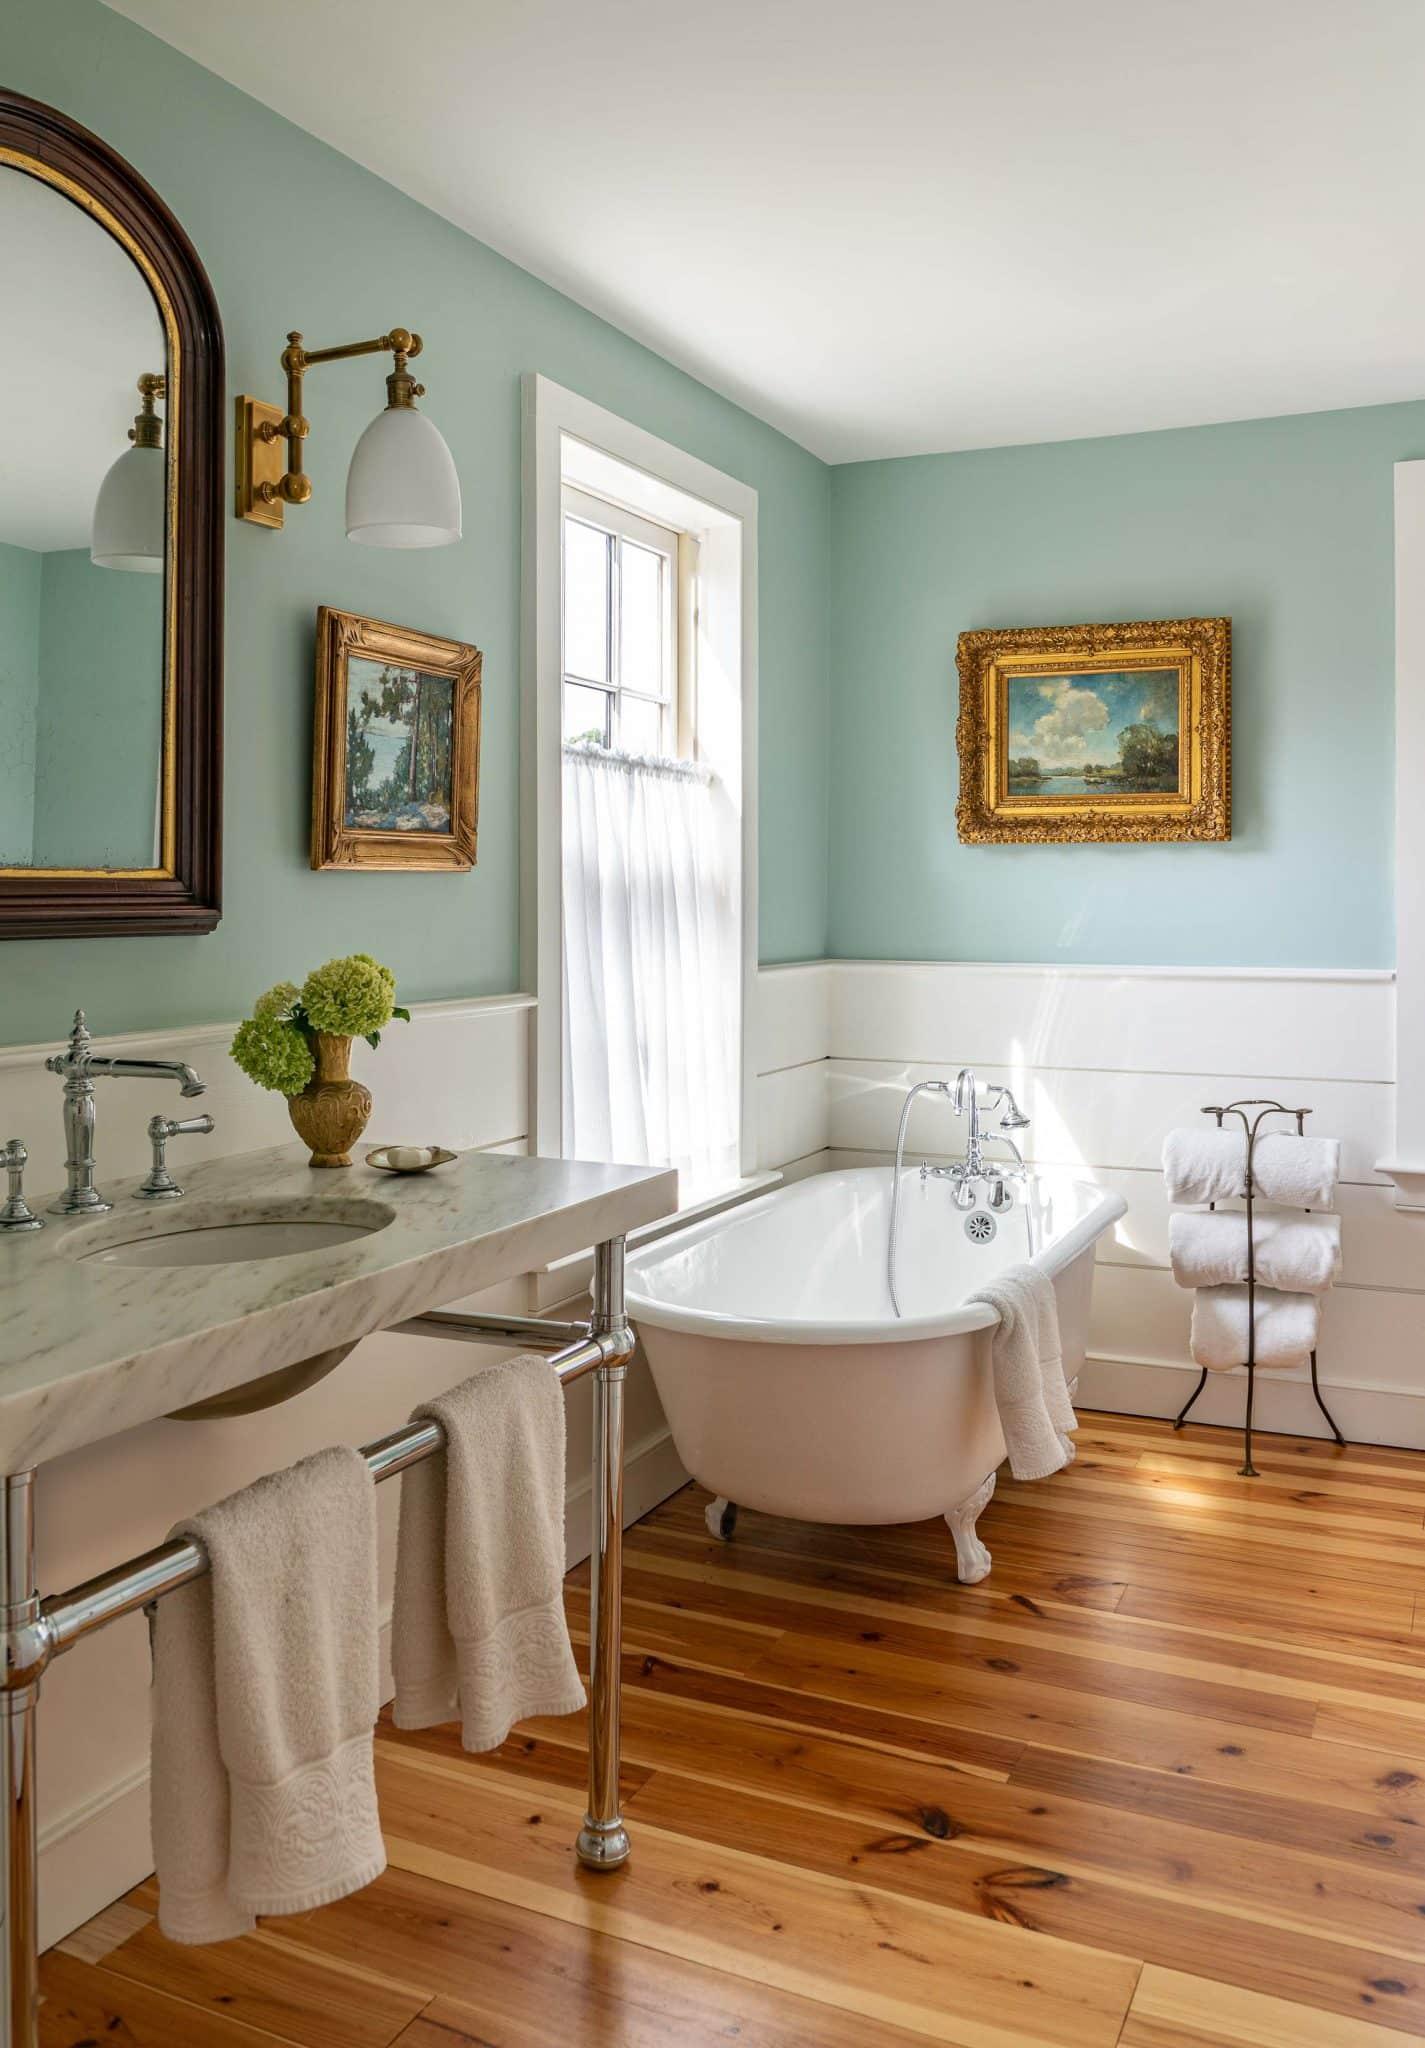 Arrowhead Farmhouse Newburyport MA Bathroom